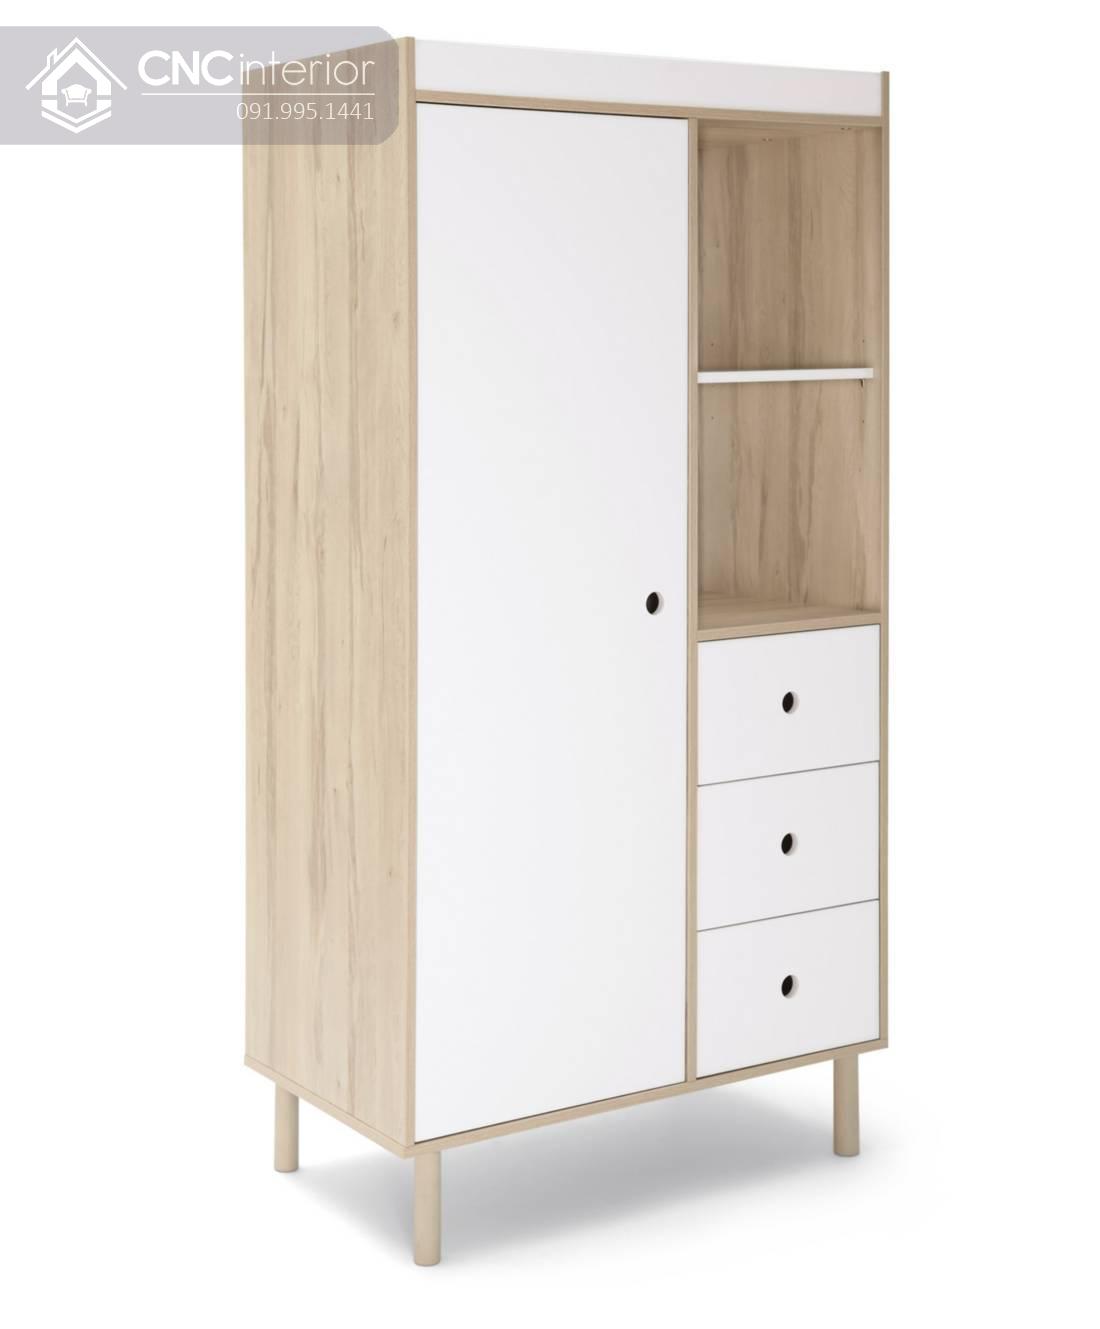 tủ quần áo trẻ em bằng gỗ đẹp hiện đại CNC 46 1